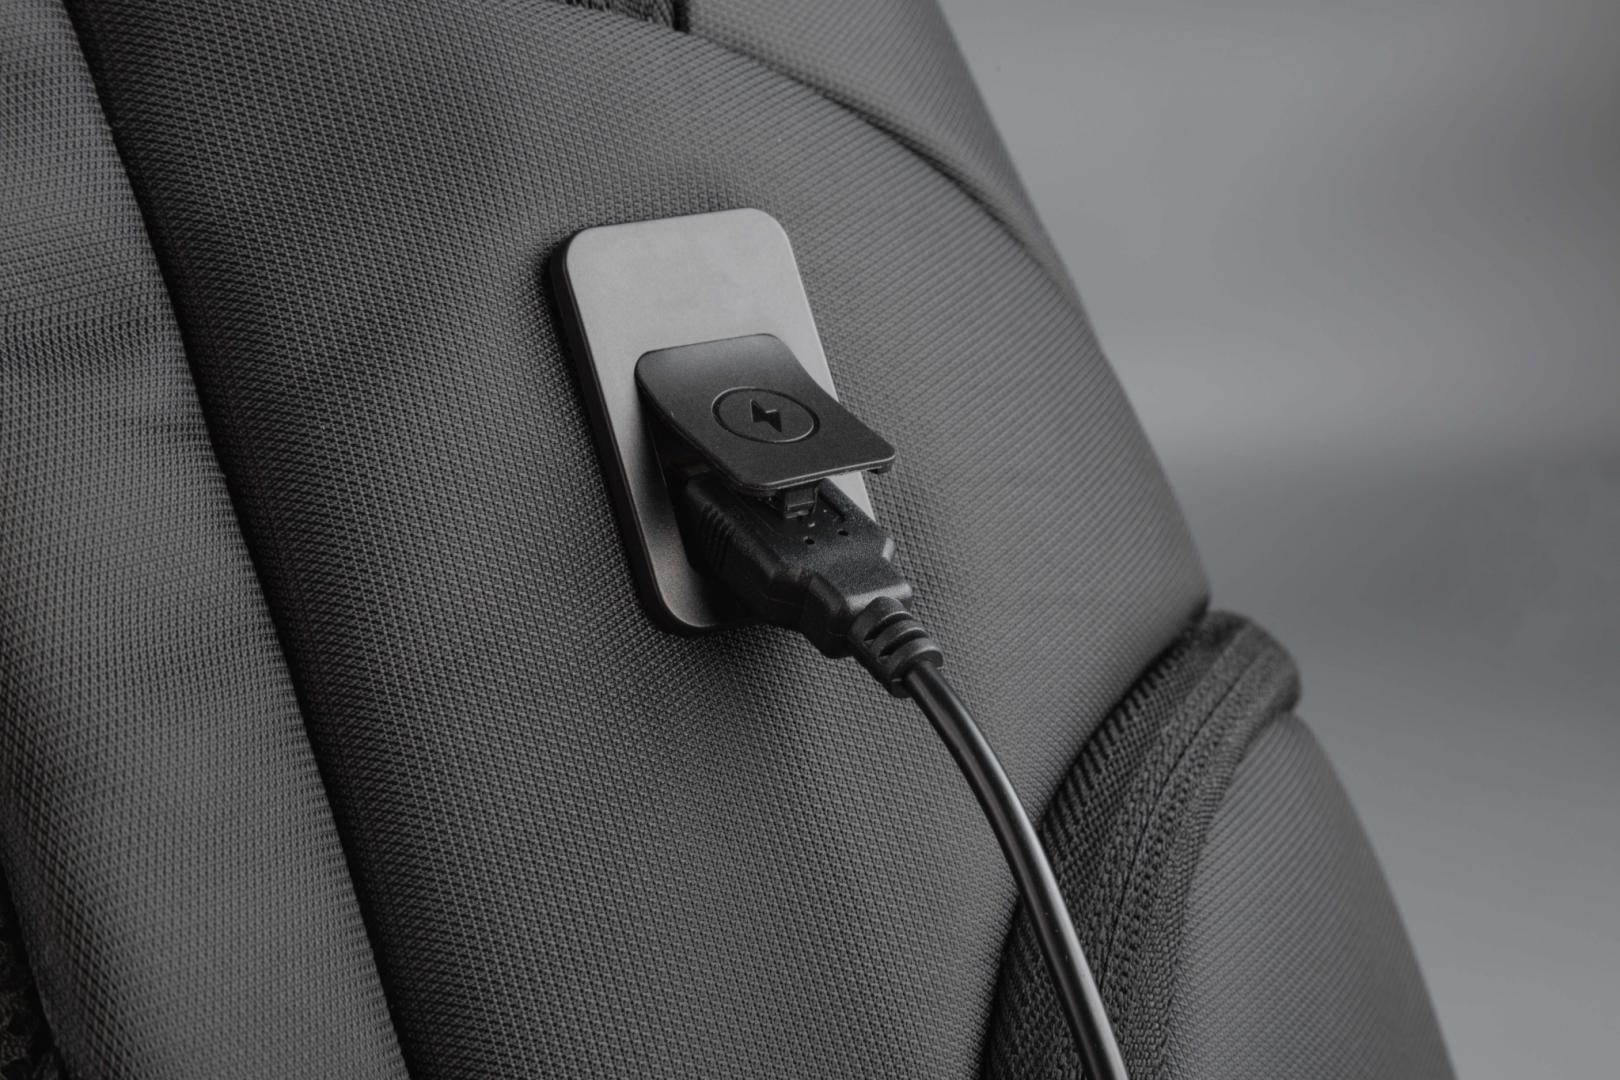 """Rucsac notebook Serioux, SMART TRAVEL ST9588, dimensiuni: 32 x 19 x 46 cm, rezistent la apa, compartimente multiple, compartiment separat pentru notebook: max. 15.6"""", bretele ajustabile, port de încărcare USB, buzunar ascuns la spate, material poliester - imaginea 5"""